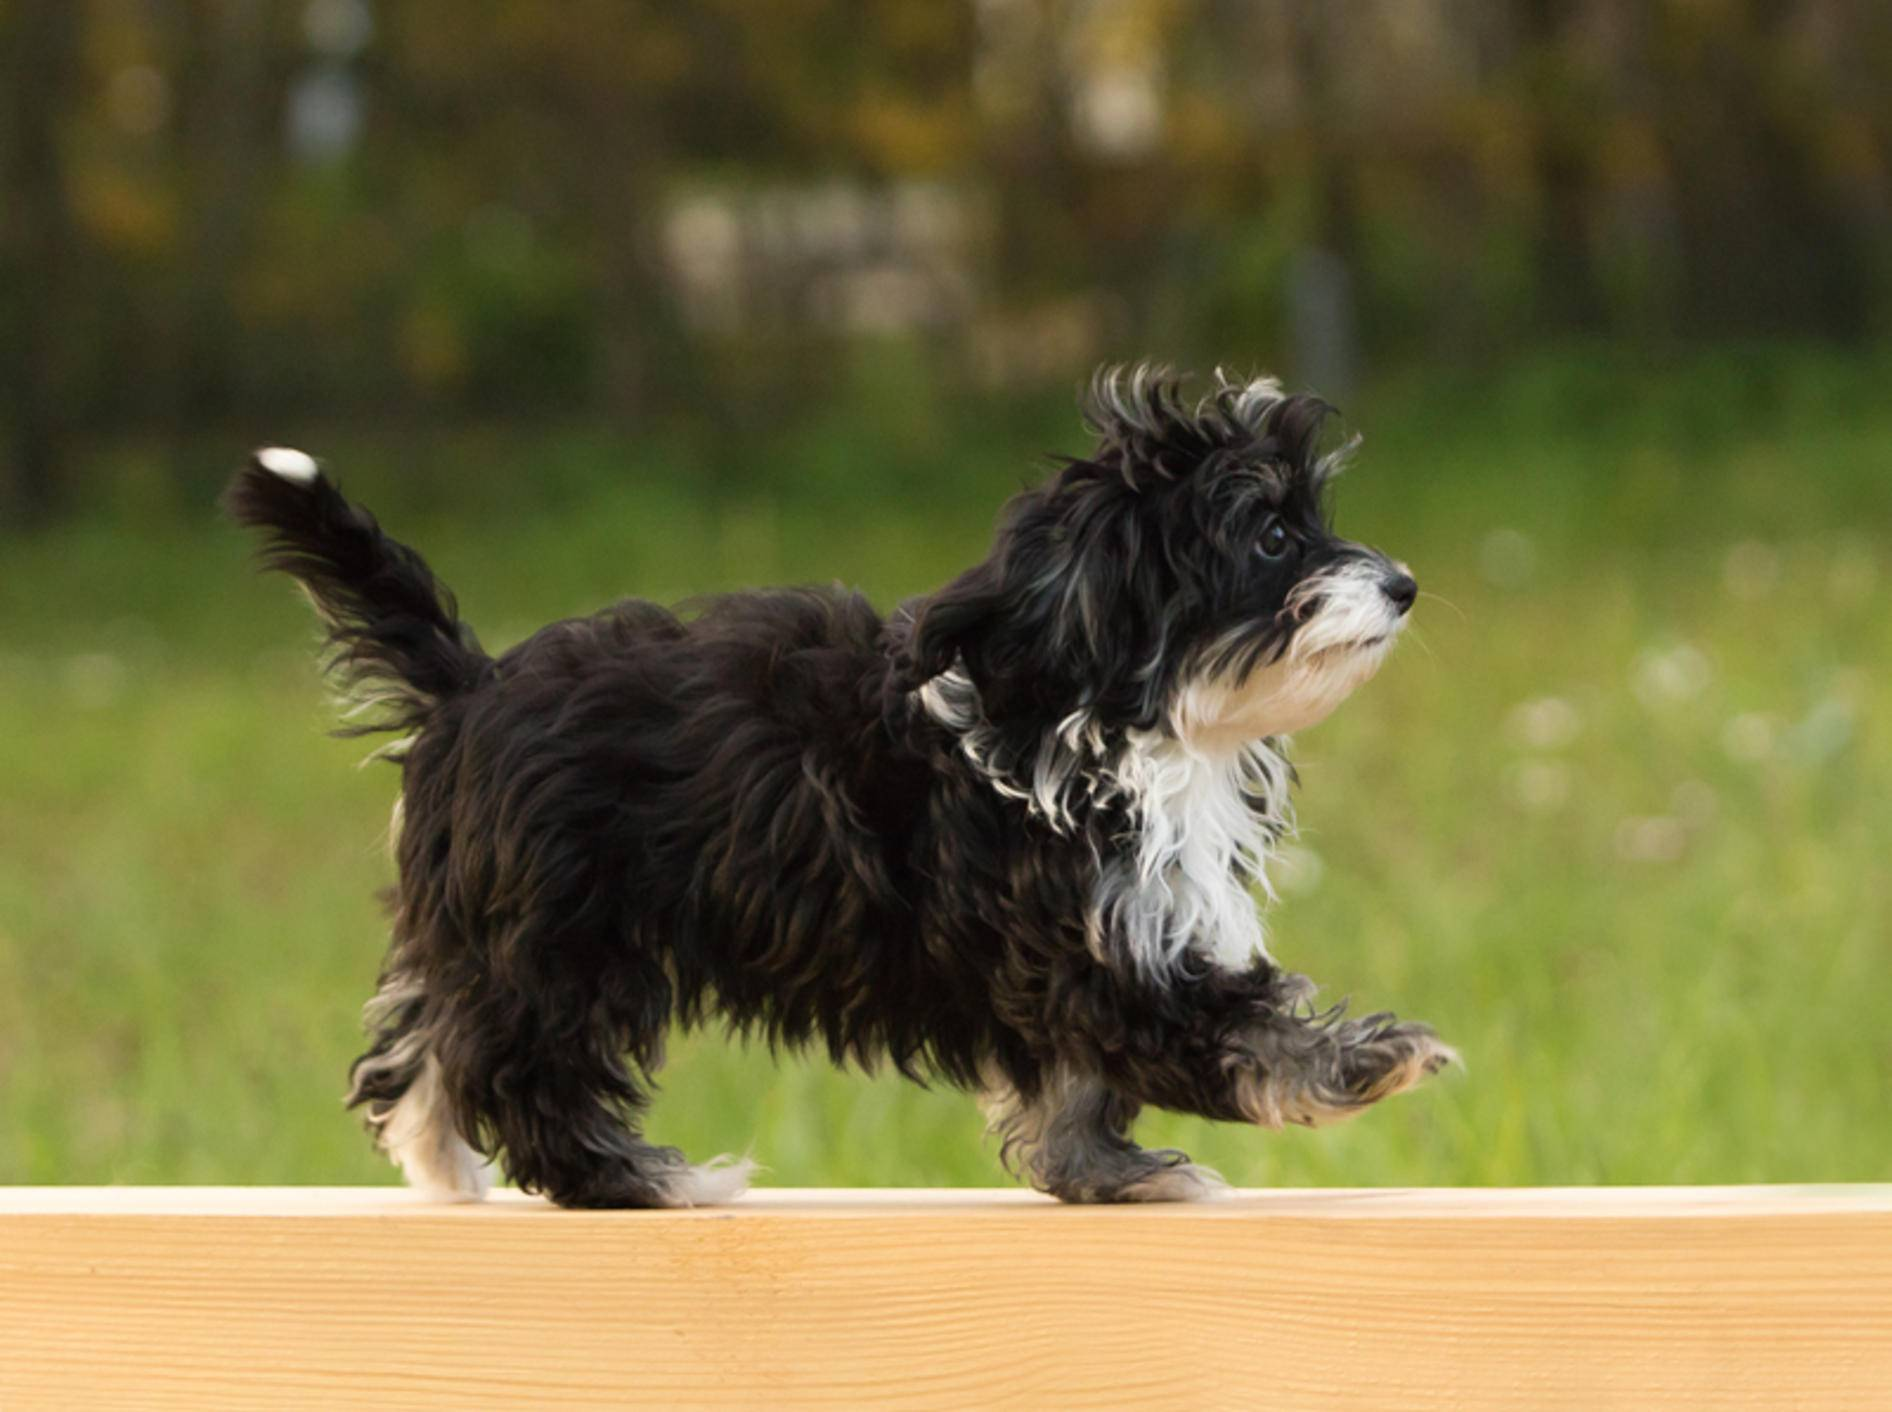 Dieser kleine Havaneser stellt seine Geschicklichkeit beim Agility-Training unter Beweis – Shutterstock / Sandra Huber